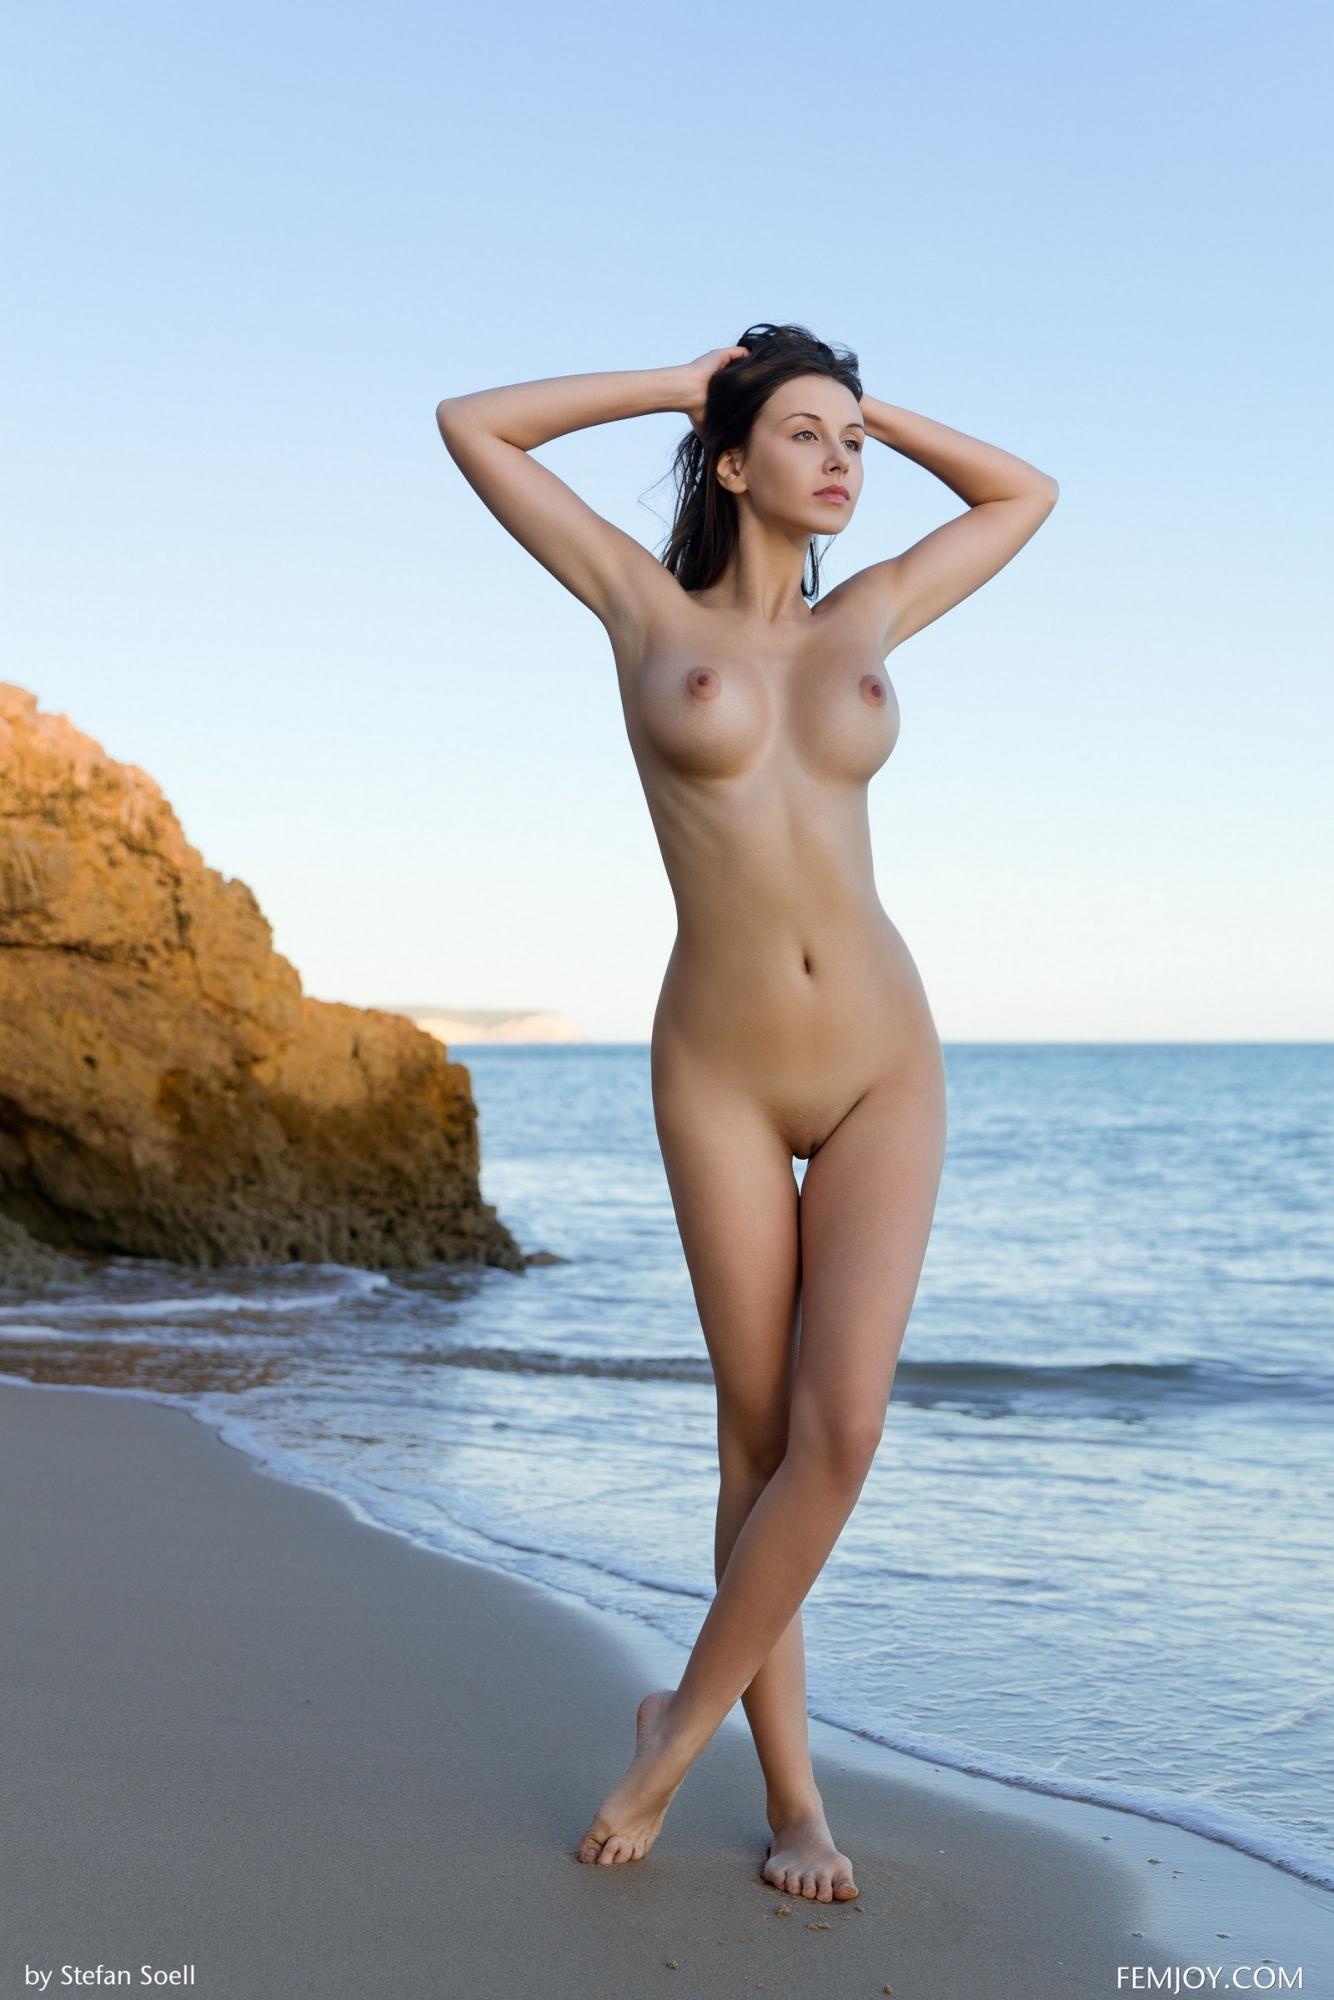 Красивая оголенная девушка позирует на пляже